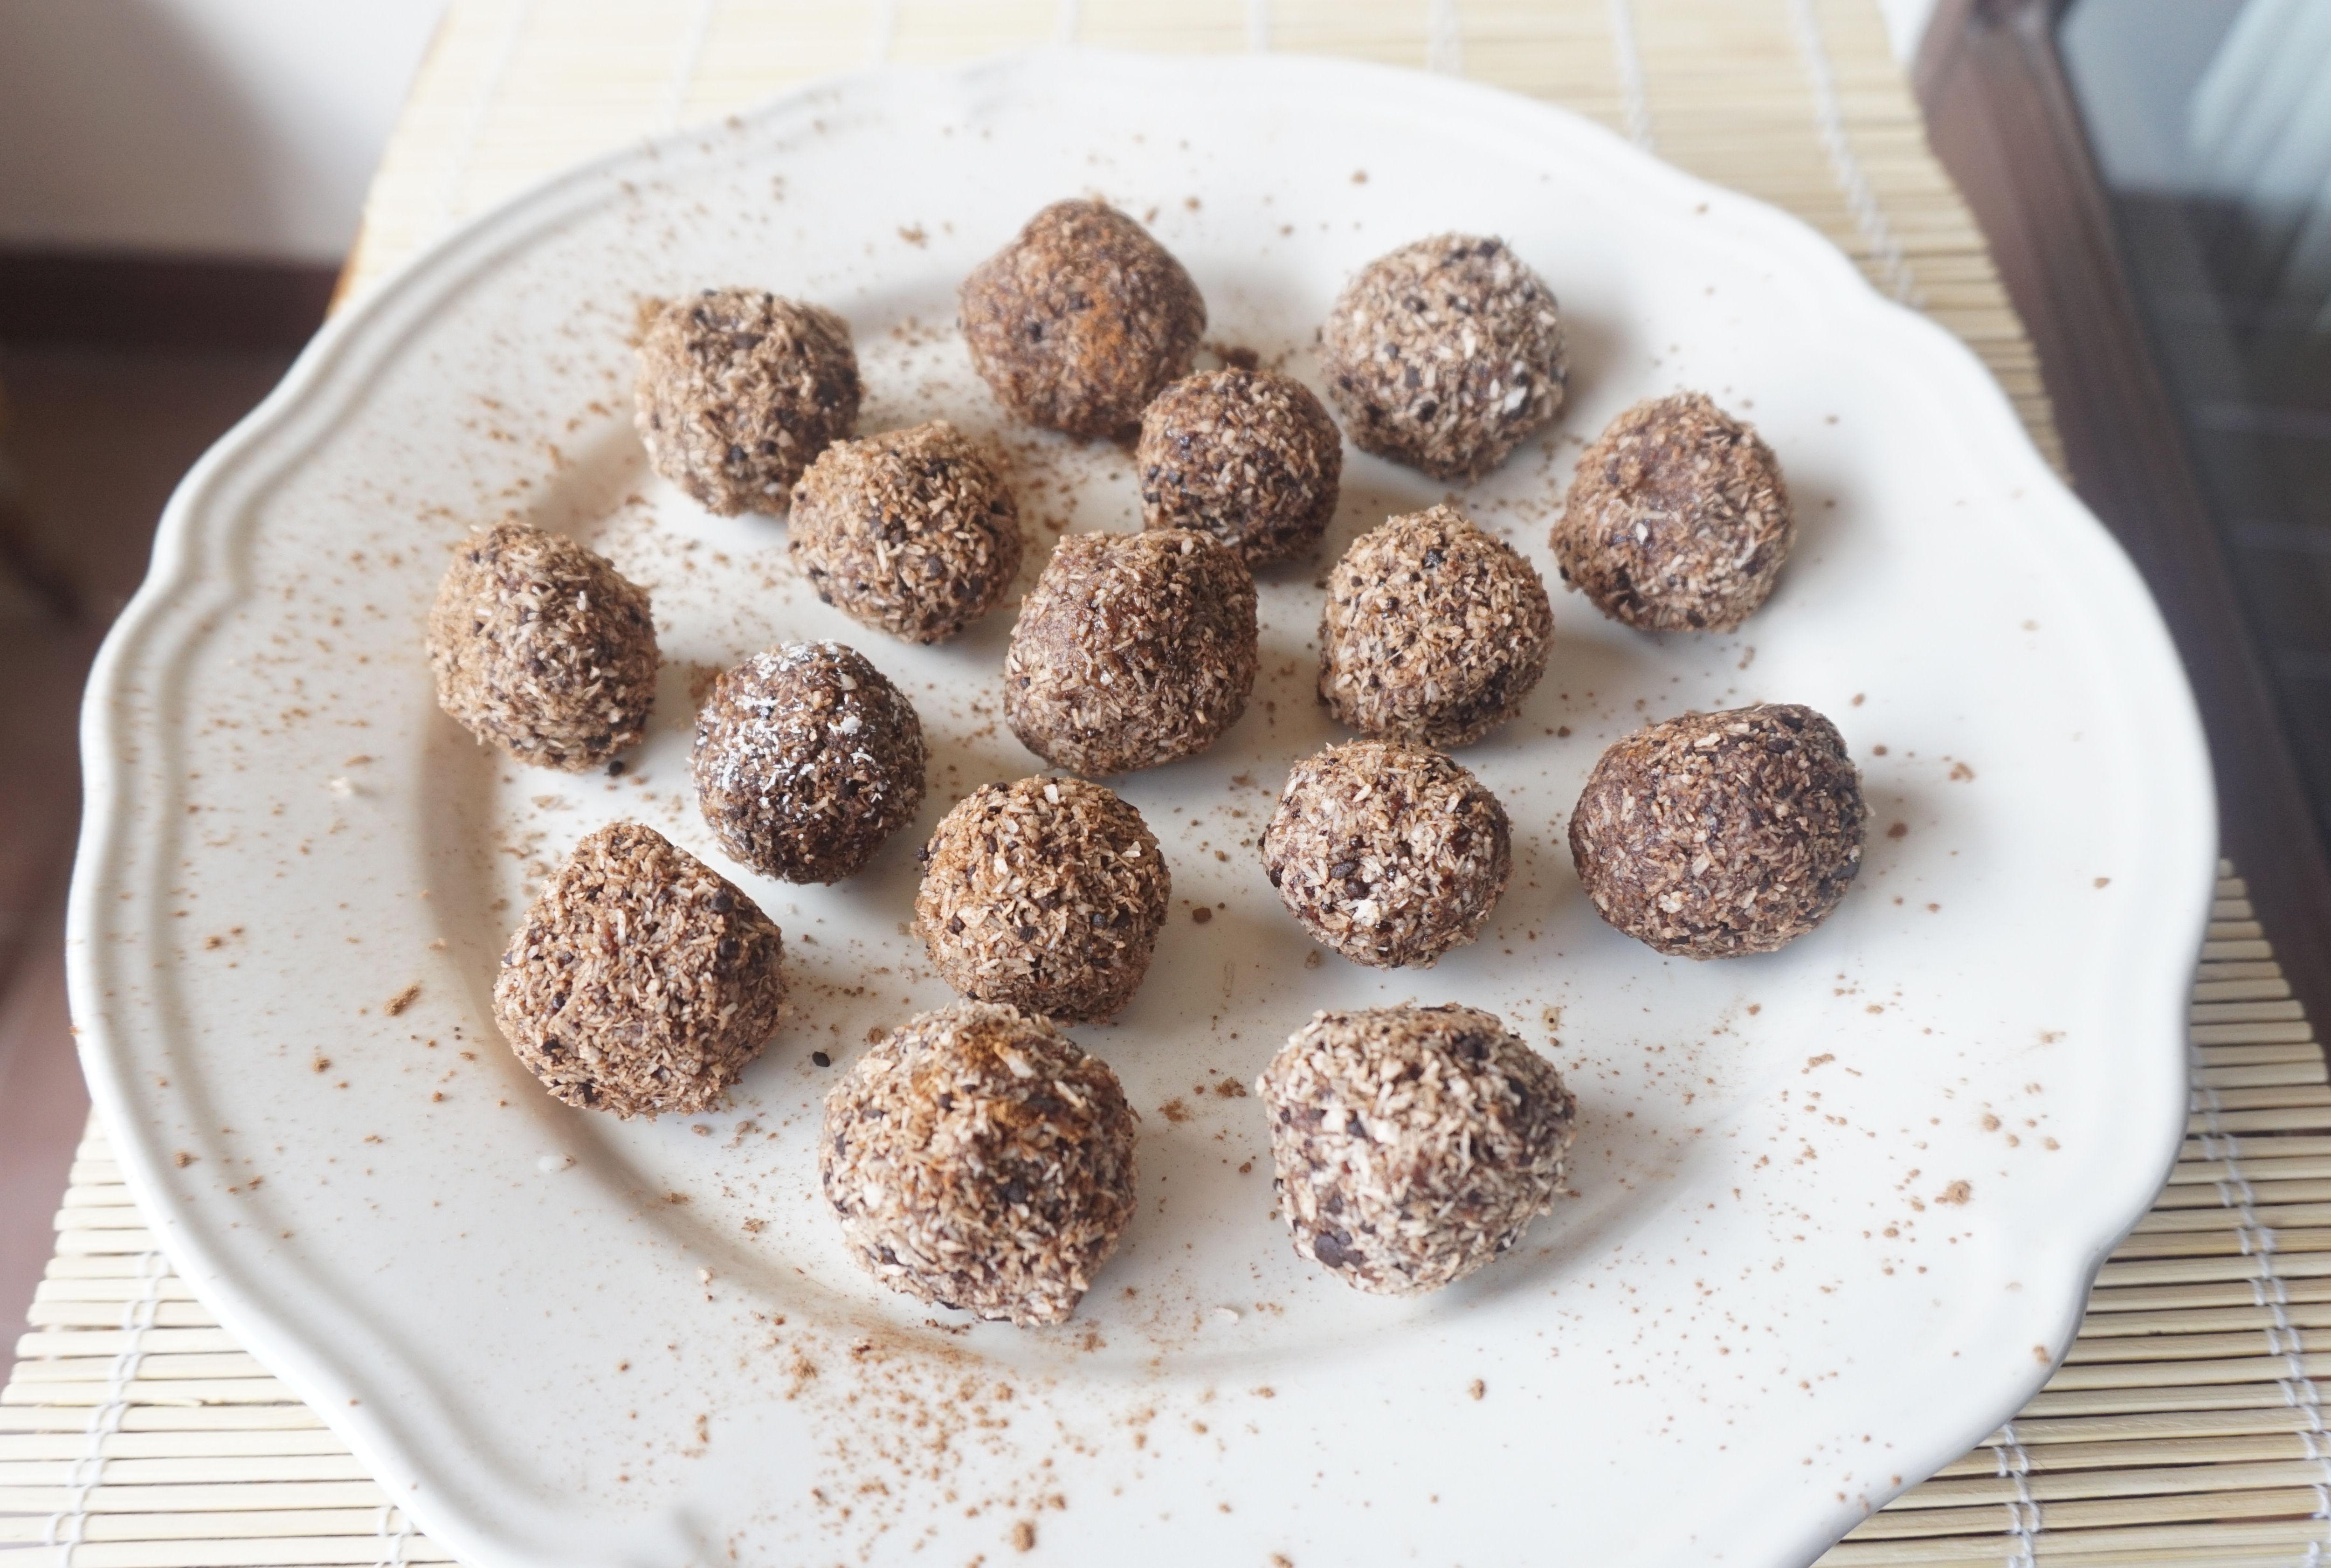 Chocolate truffles - www.rawsomehealthy.com